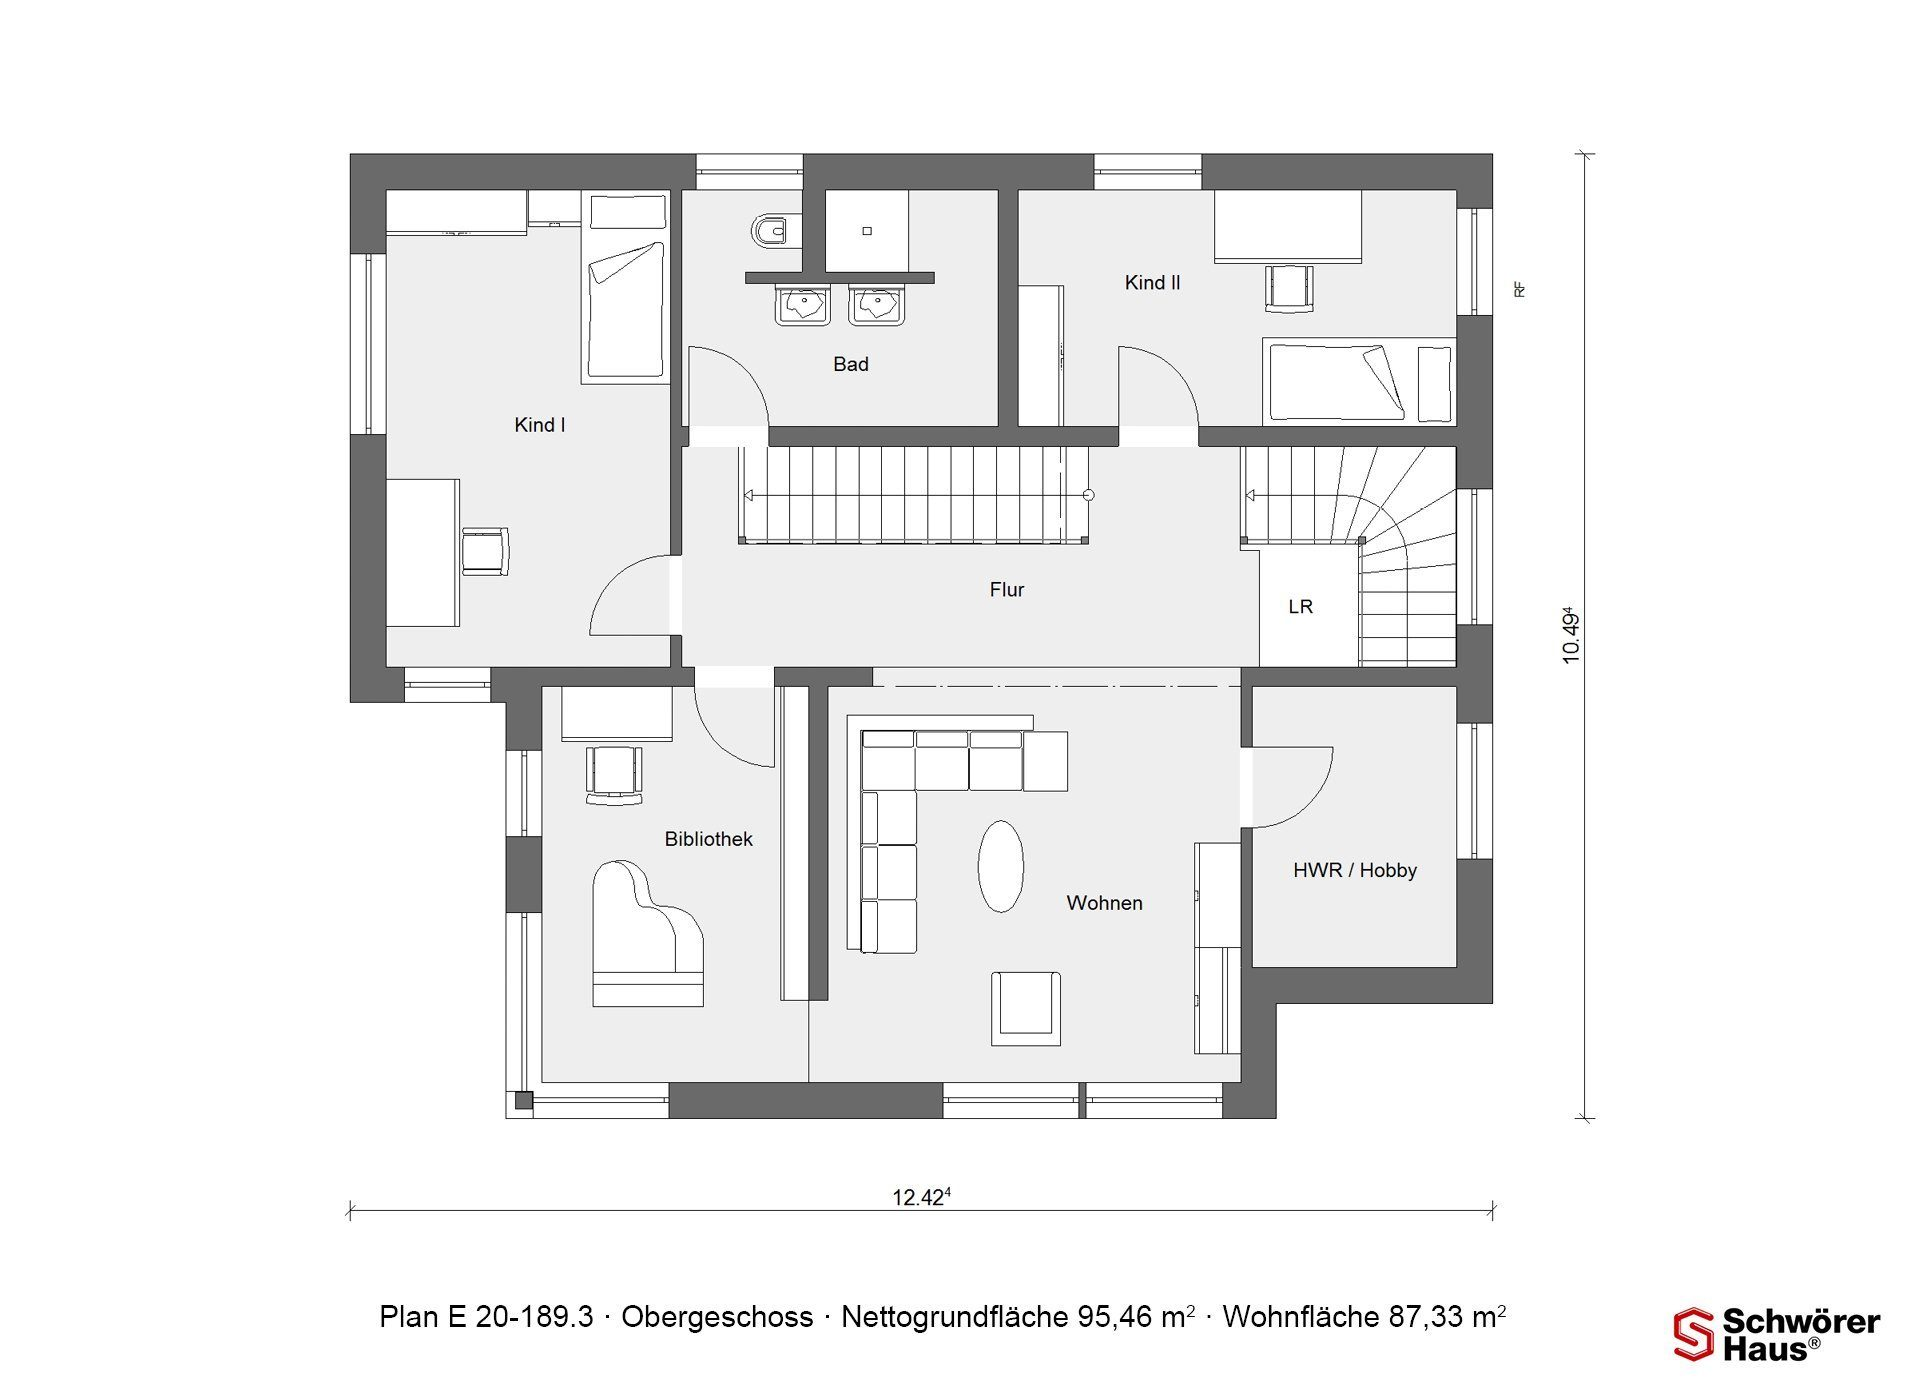 Kubushaus modern - Eine Nahaufnahme einer Uhr - Gebäudeplan